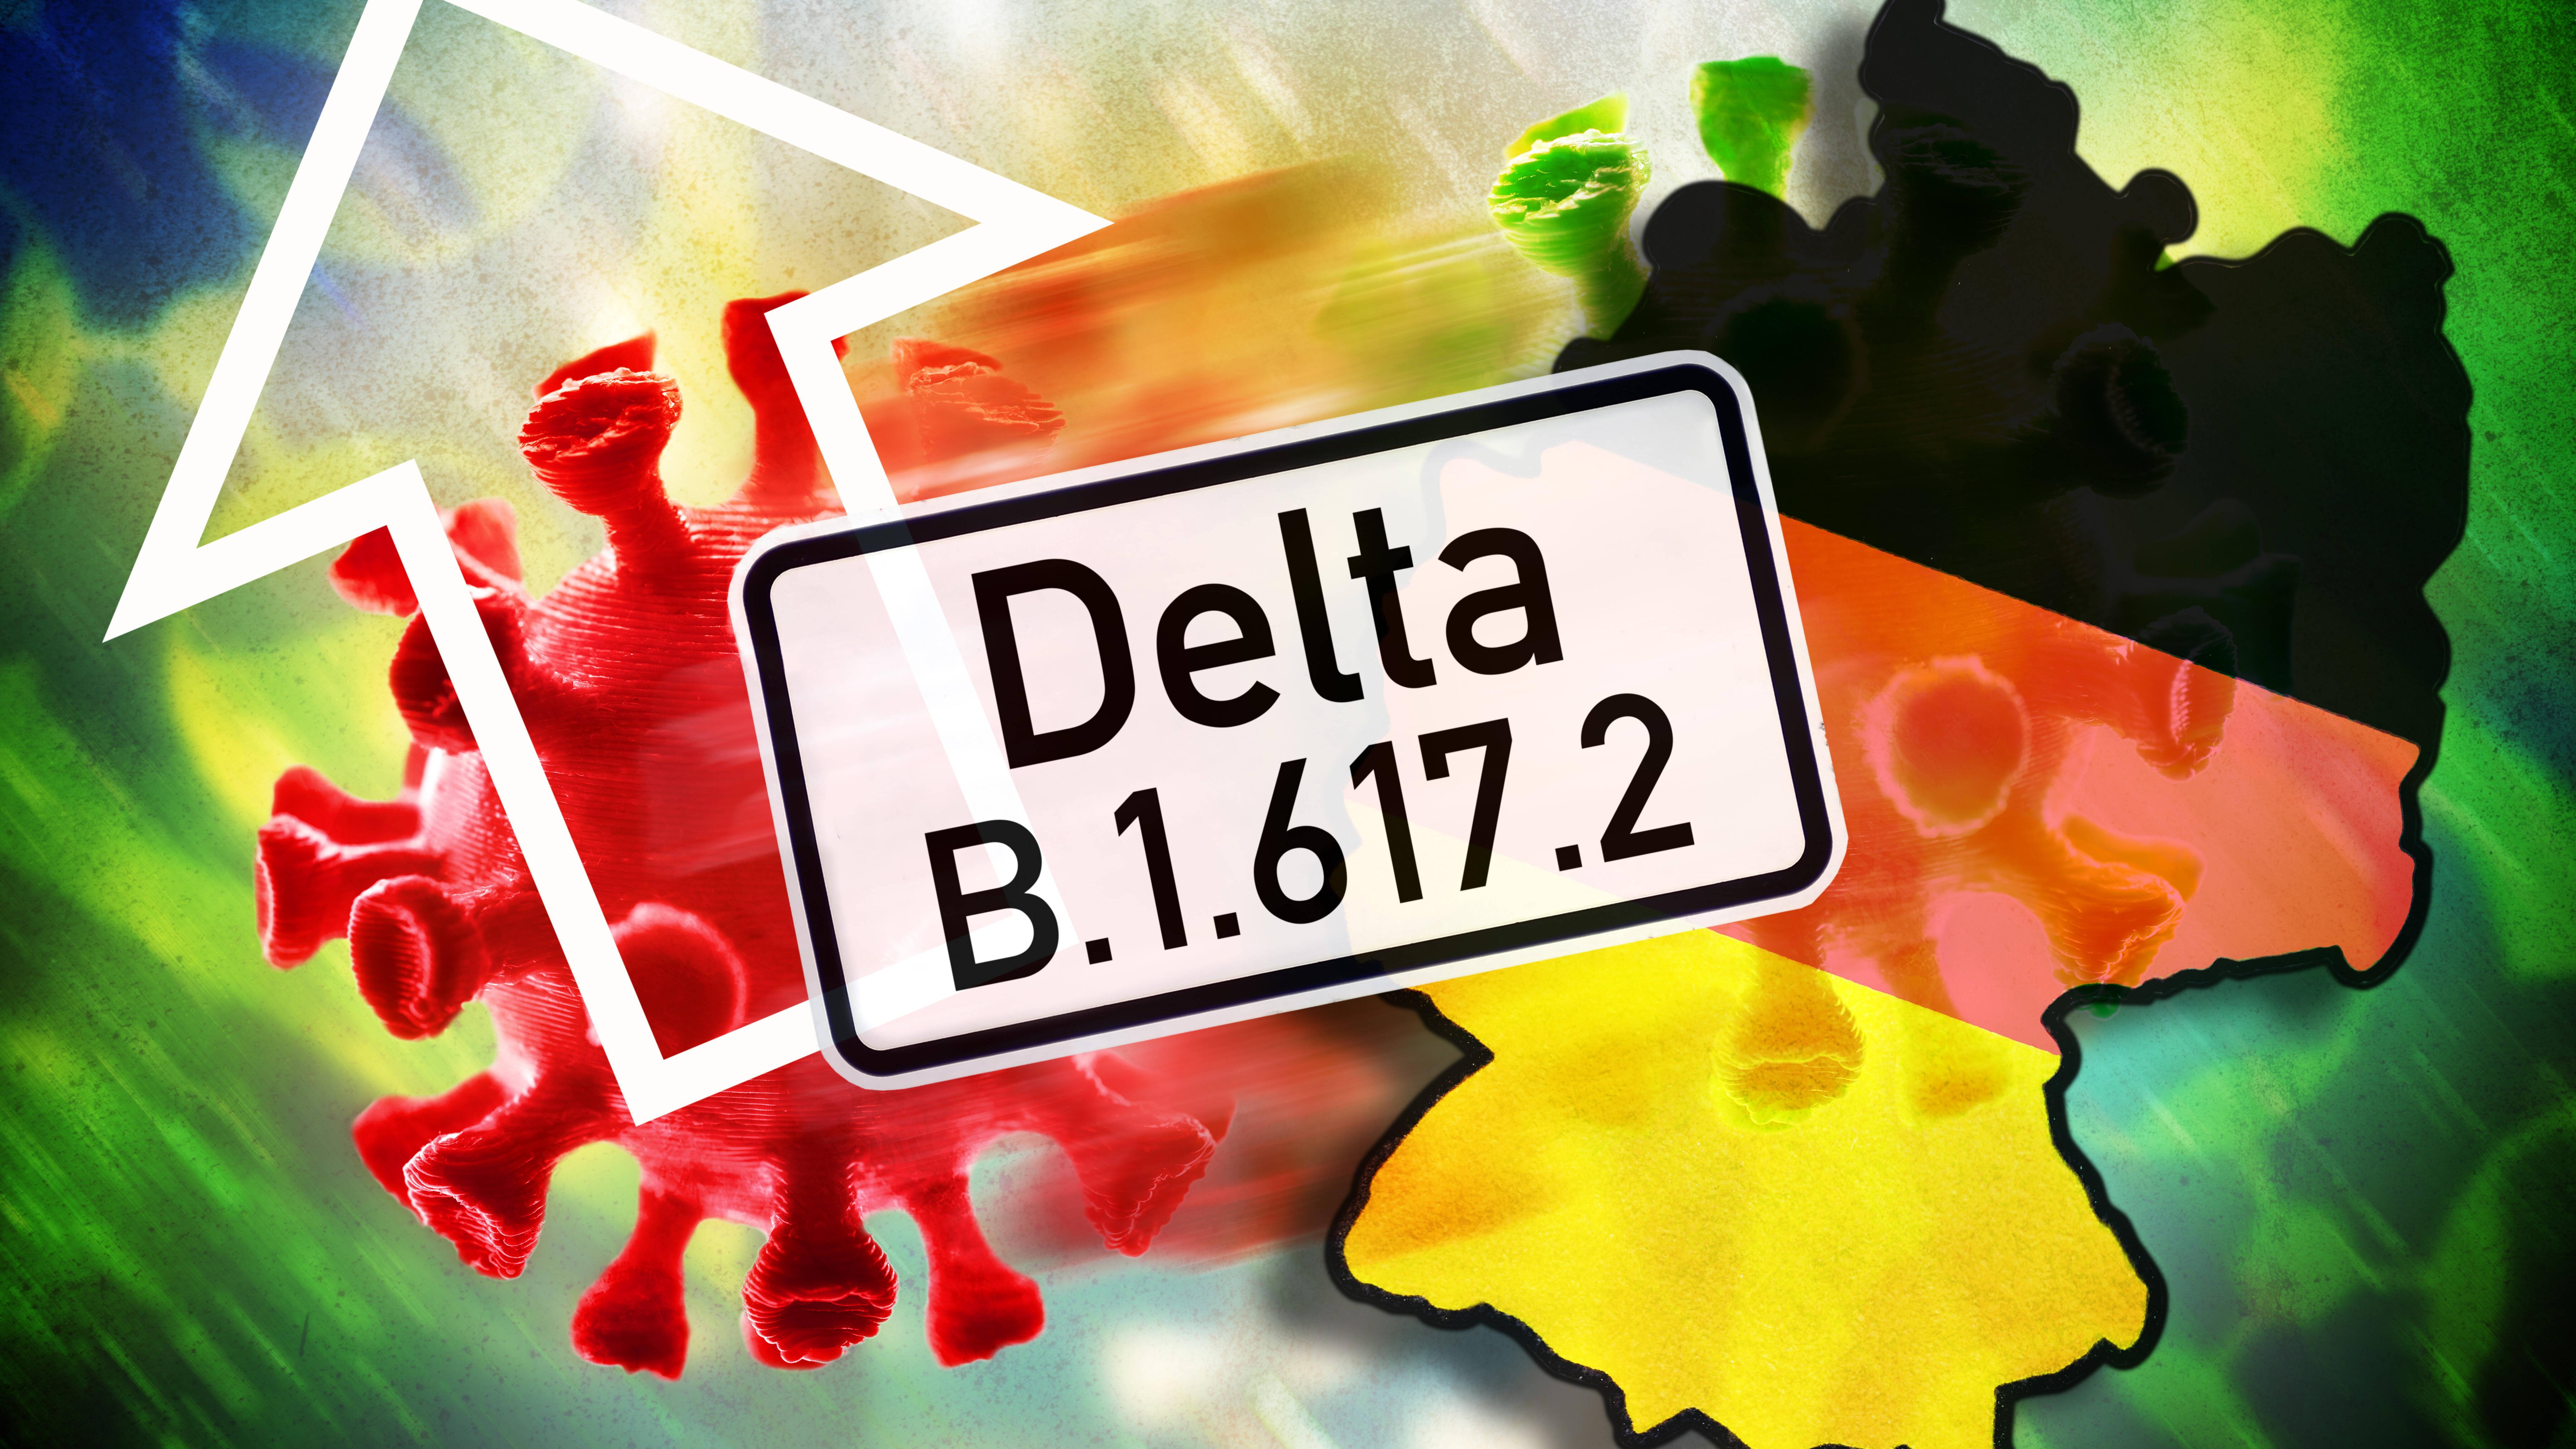 Die Delta-Variante soll ansteckender sein als andere Varianten